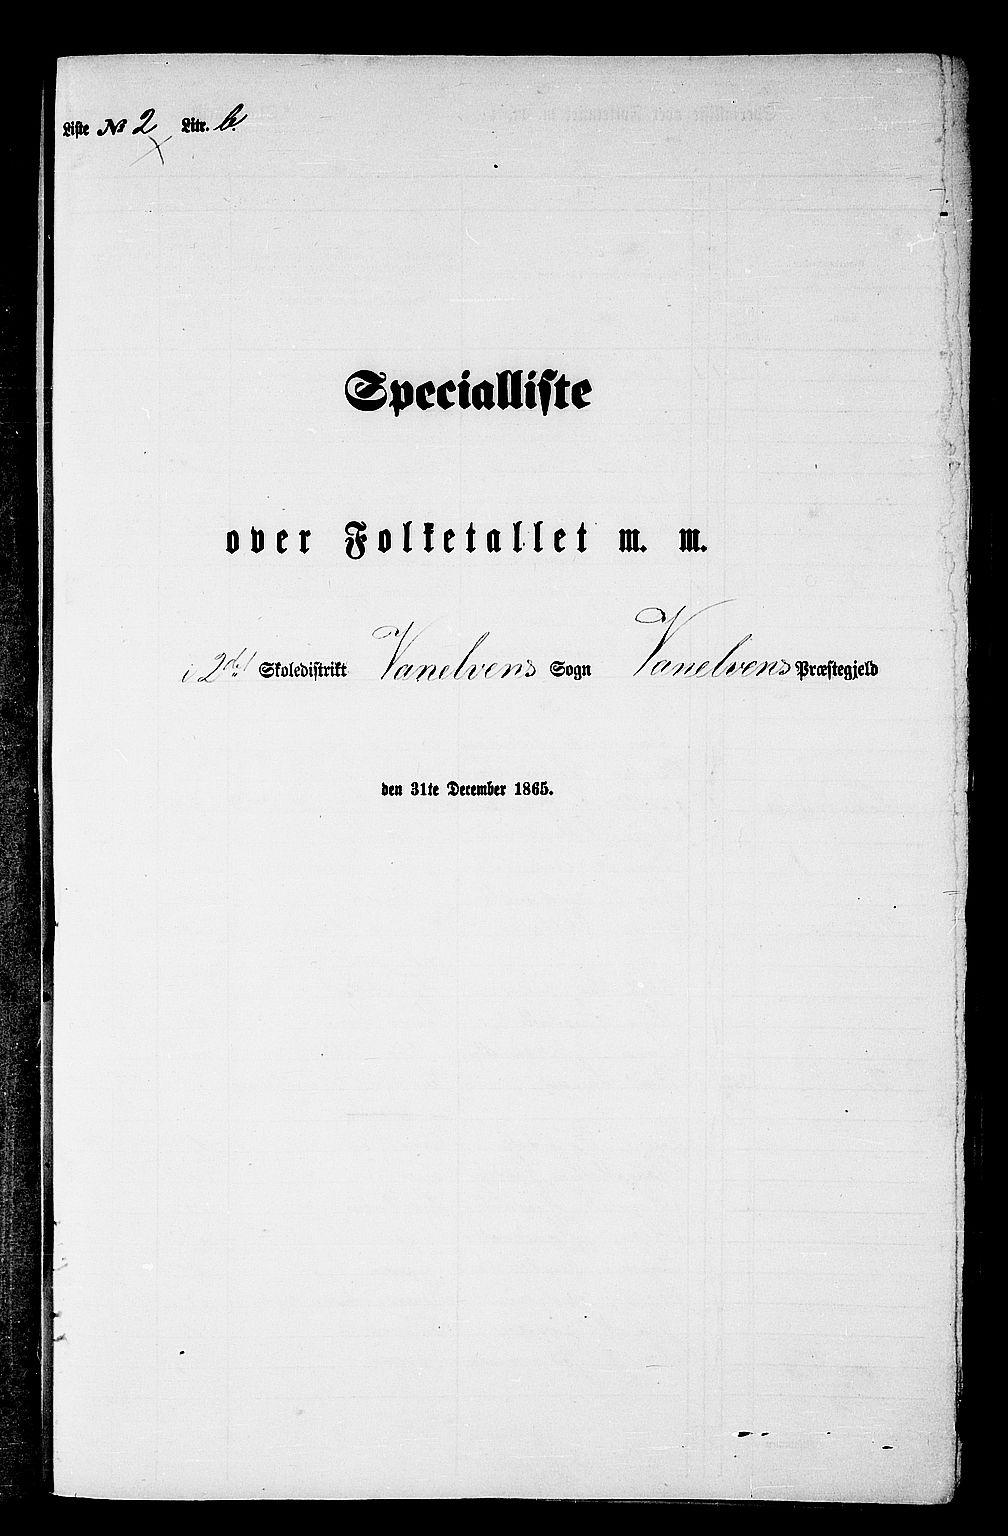 RA, Folketelling 1865 for 1511P Vanylven prestegjeld, 1865, s. 35